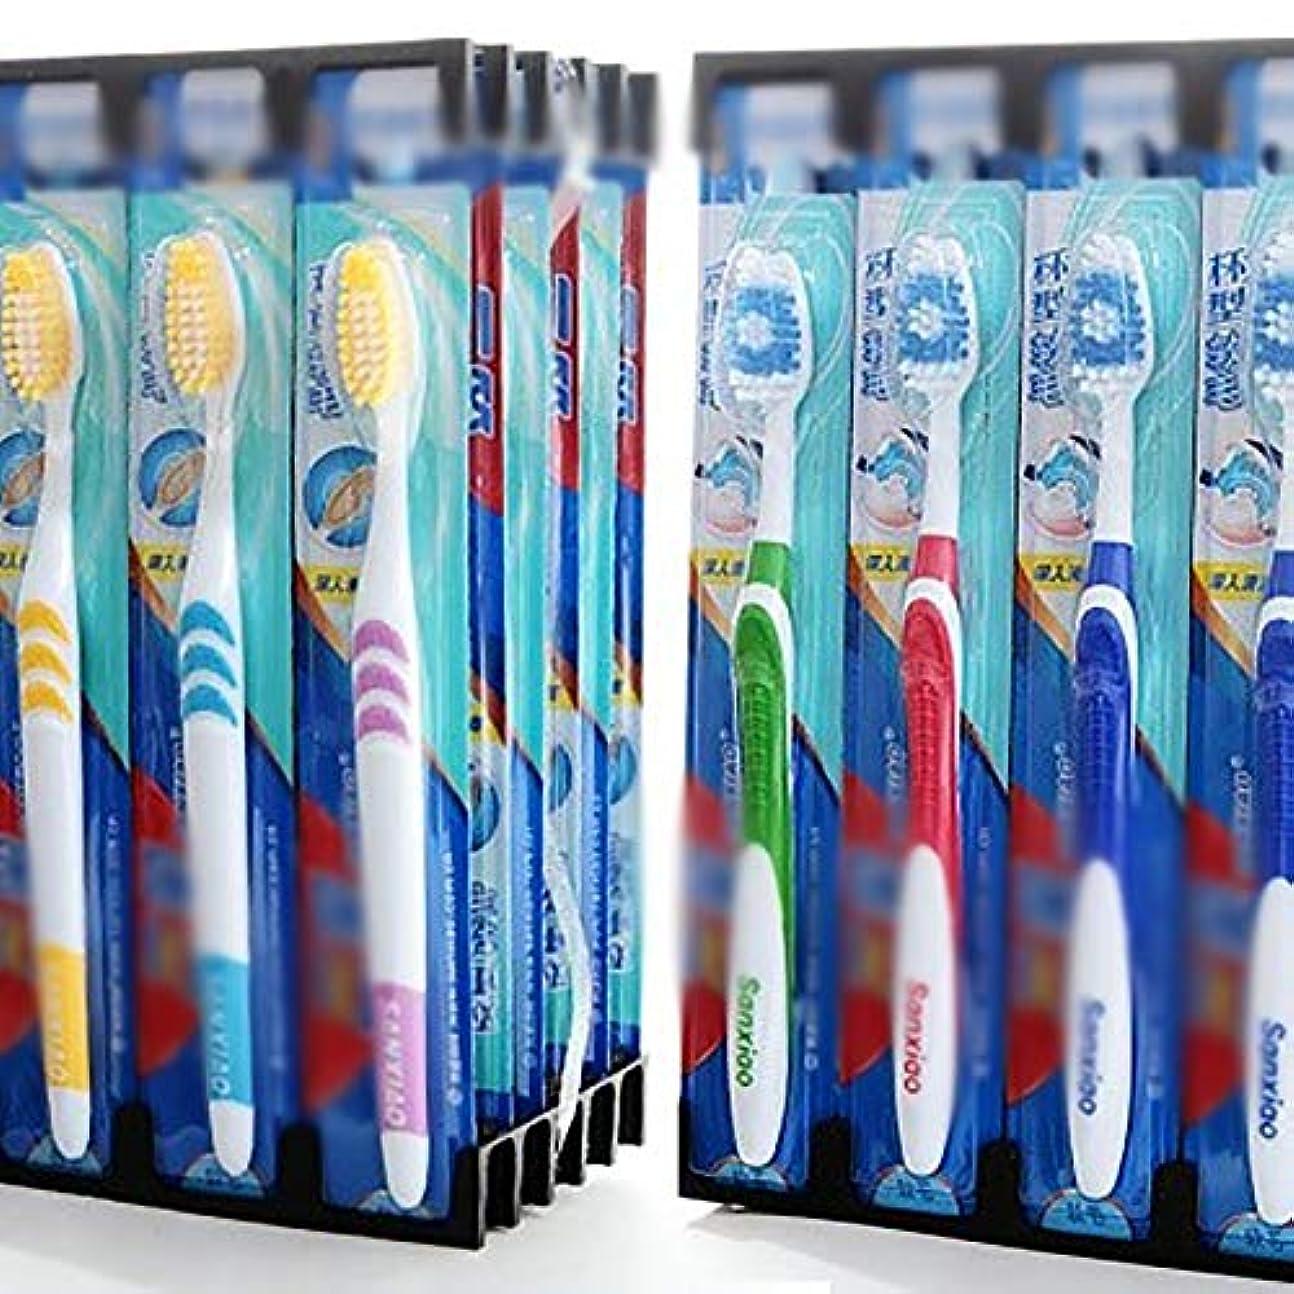 変わるマイルドマディソン歯ブラシ 30パック歯ブラシ、家族バルク成人歯ブラシ、2つのスタイル混合包装歯ブラシ - 任意8つの組み合わせ HL (色 : G, サイズ : 30 packs)